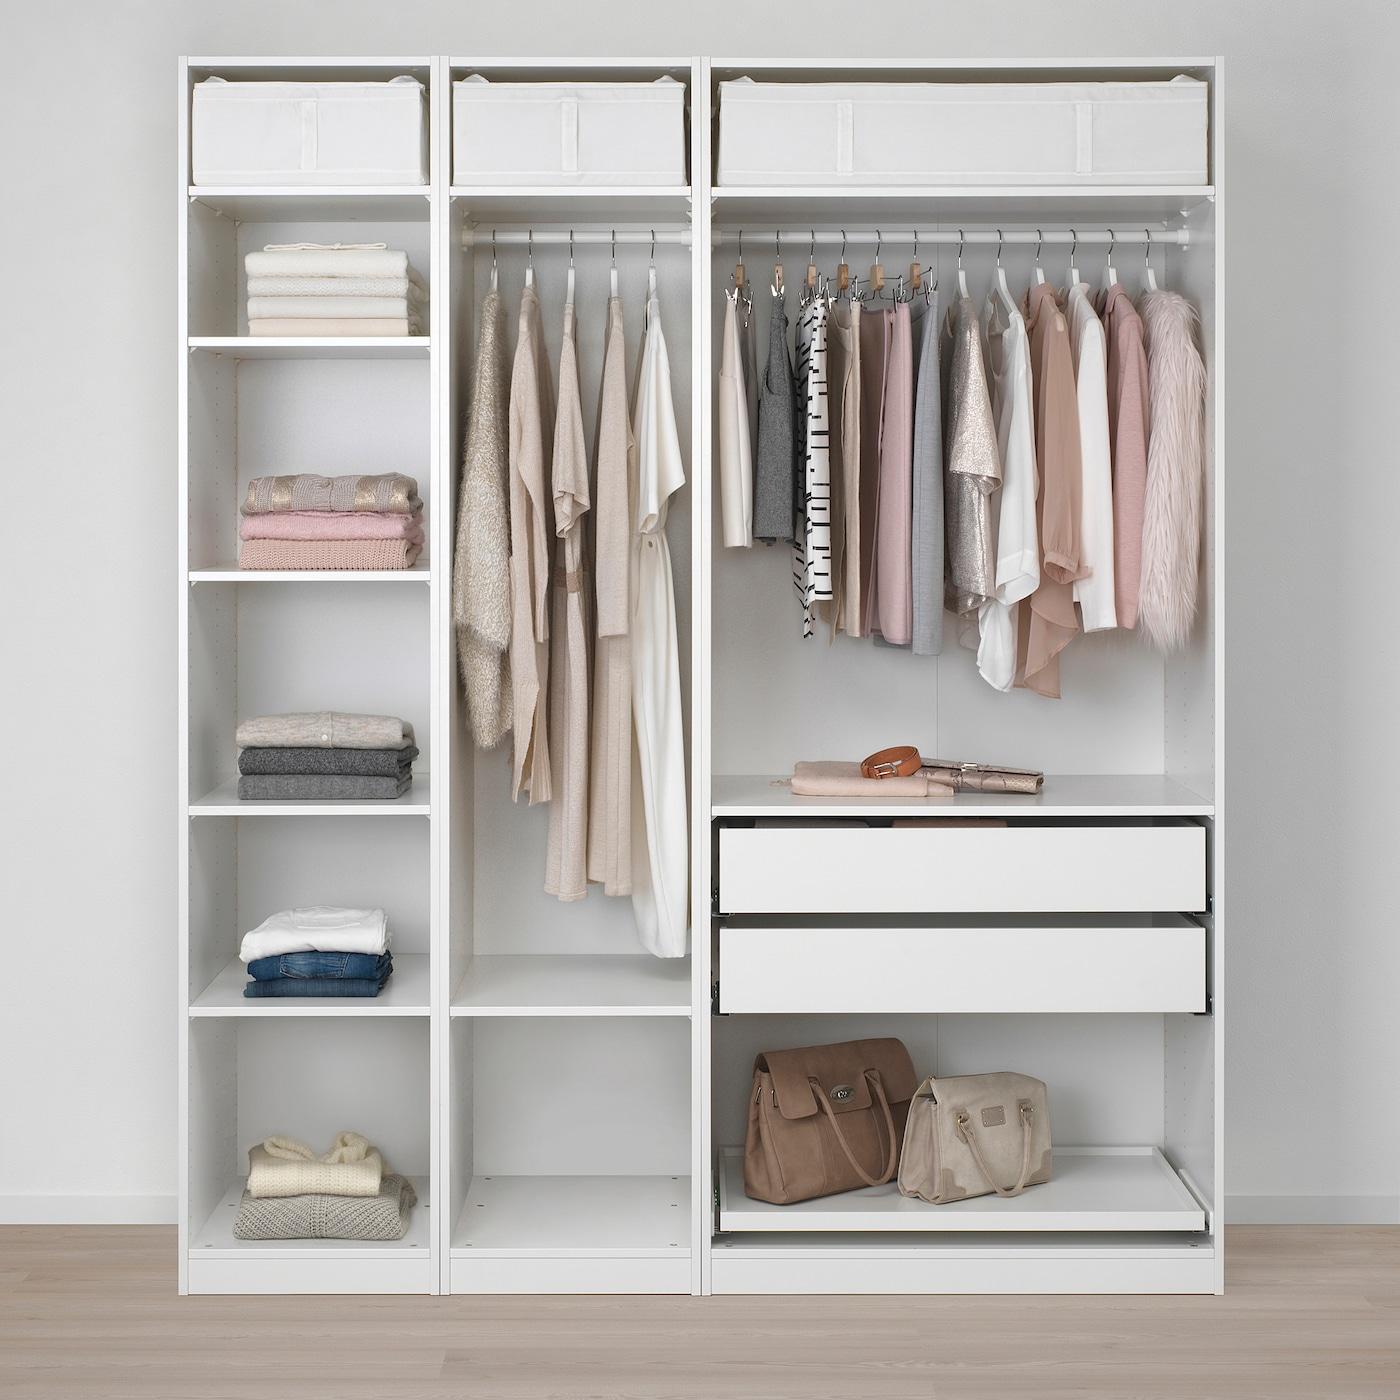 PAX GRIMO Combinación armario blancoGrimo gris 200x60x236 cm